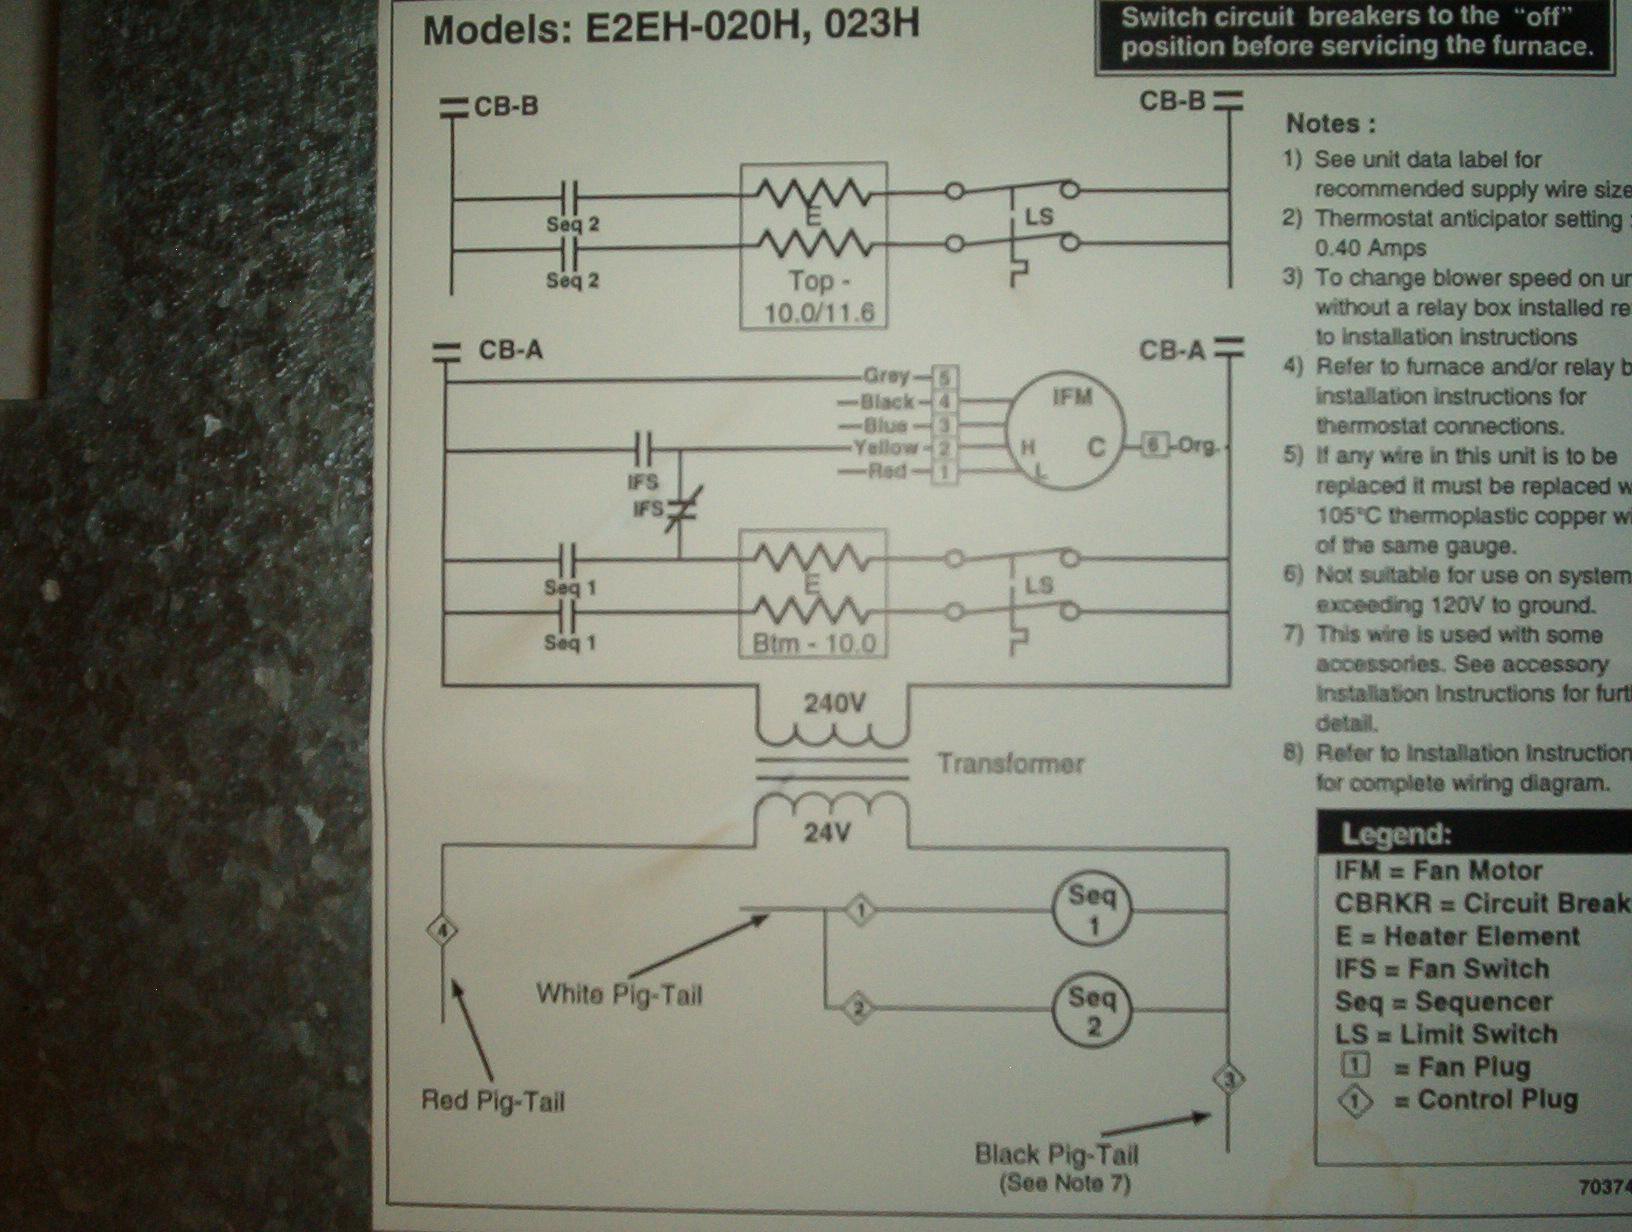 9400 13q152 Nordyne Wiring Diagram Yamaha Electric Guitar Wiring